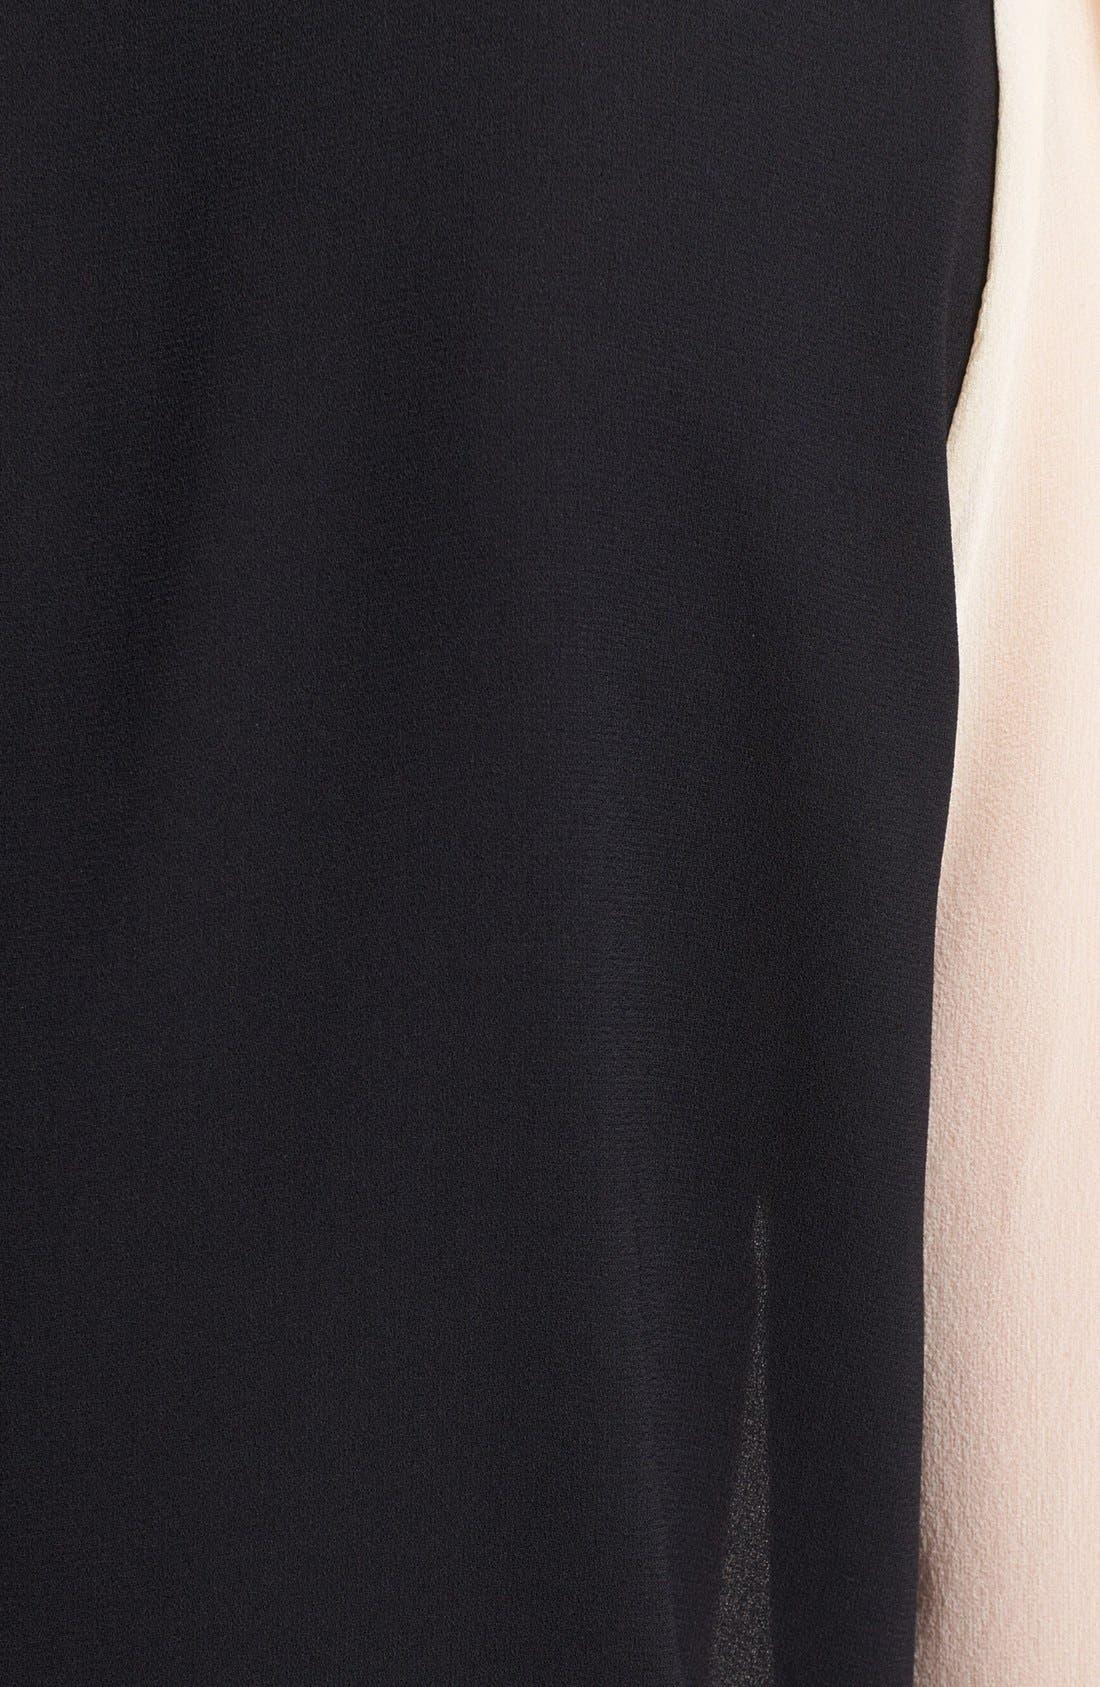 Alternate Image 3  - Diane von Furstenberg 'Etta' Colorblock Silk Blouse